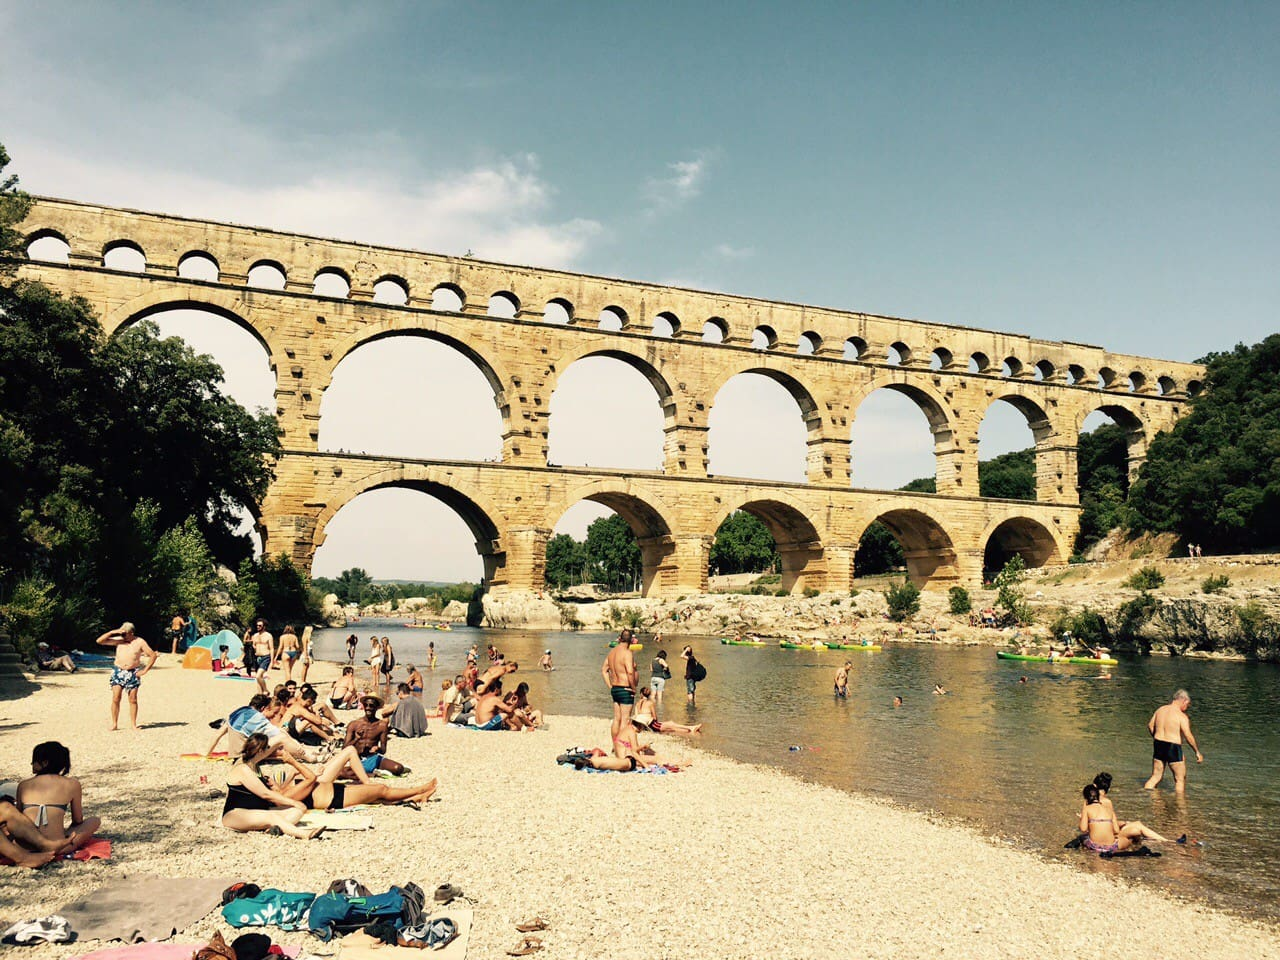 Tourisme à proximité - Le Pont du Gard (à 15min de La Maison Joffre)